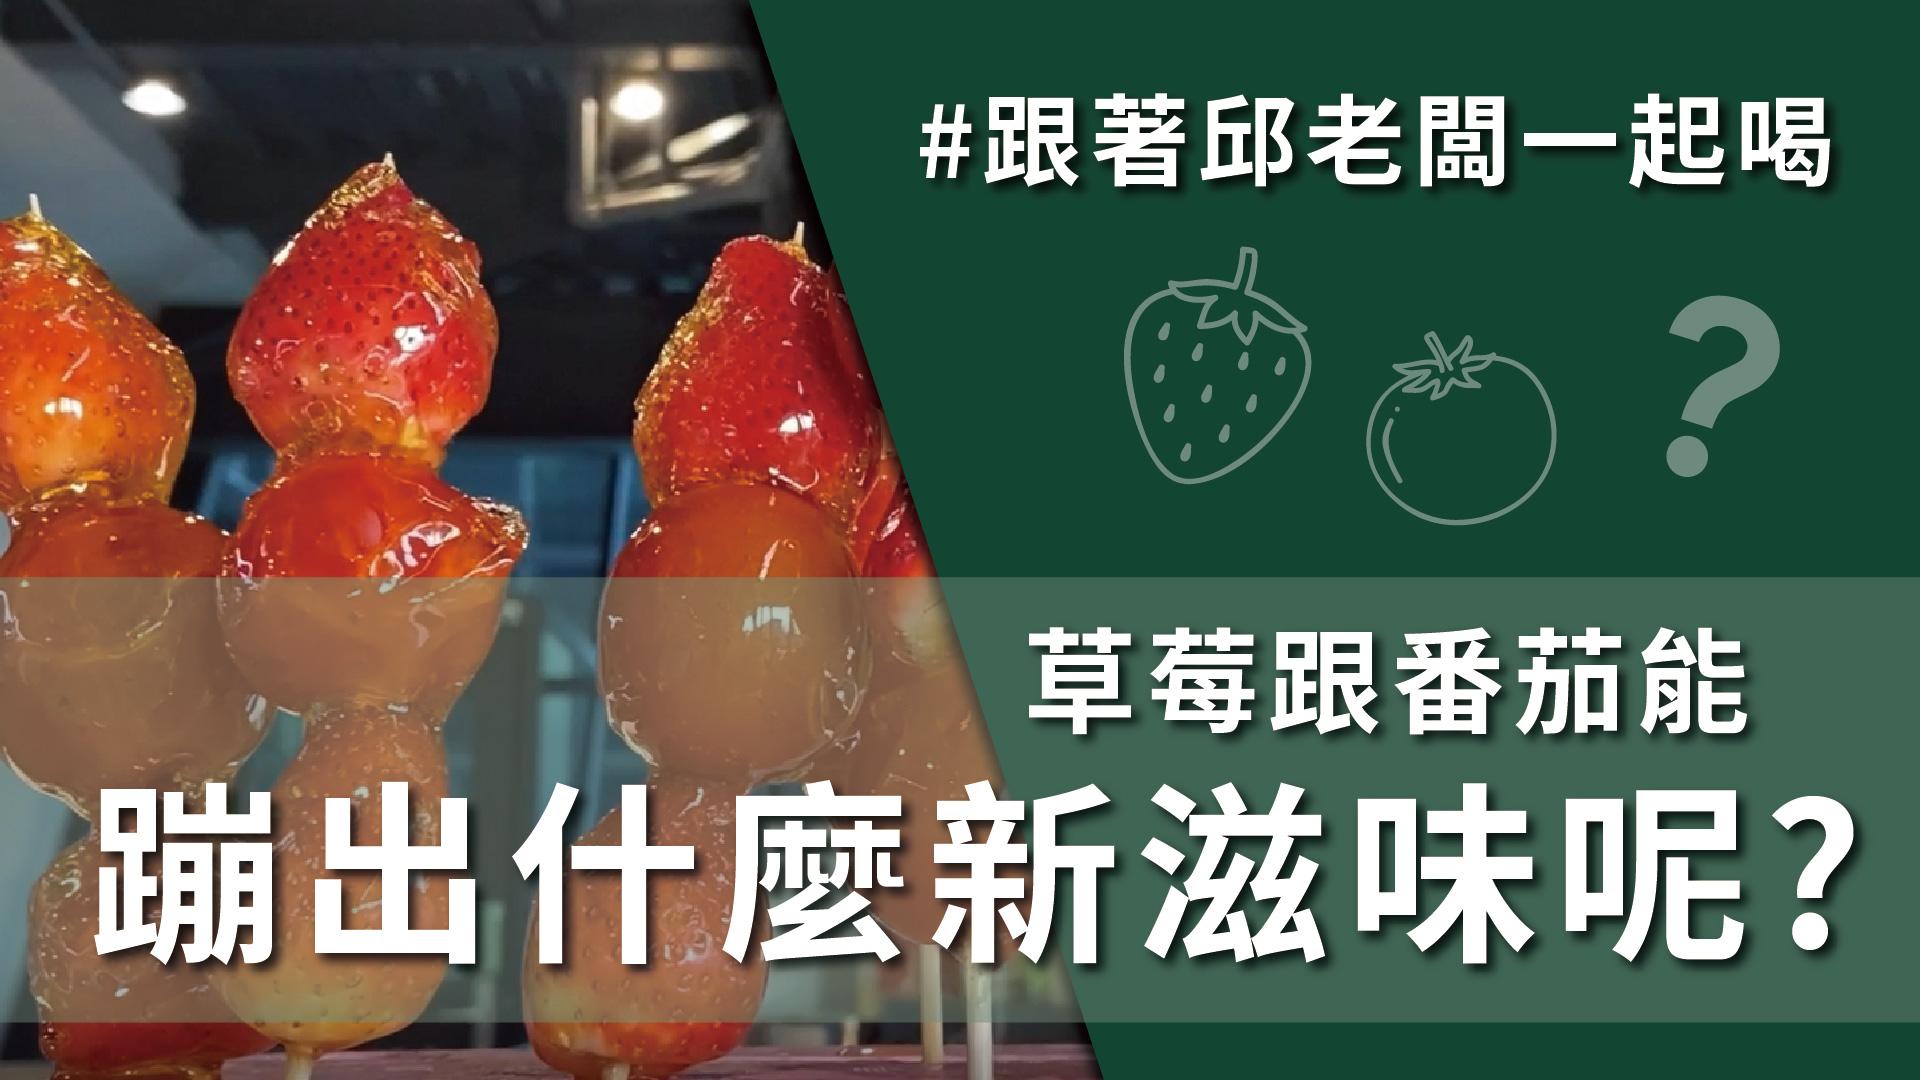 飲料界網美,來自苗栗大湖新鮮草莓,最好喝的莓好相遇! #2月21日 #DAY161